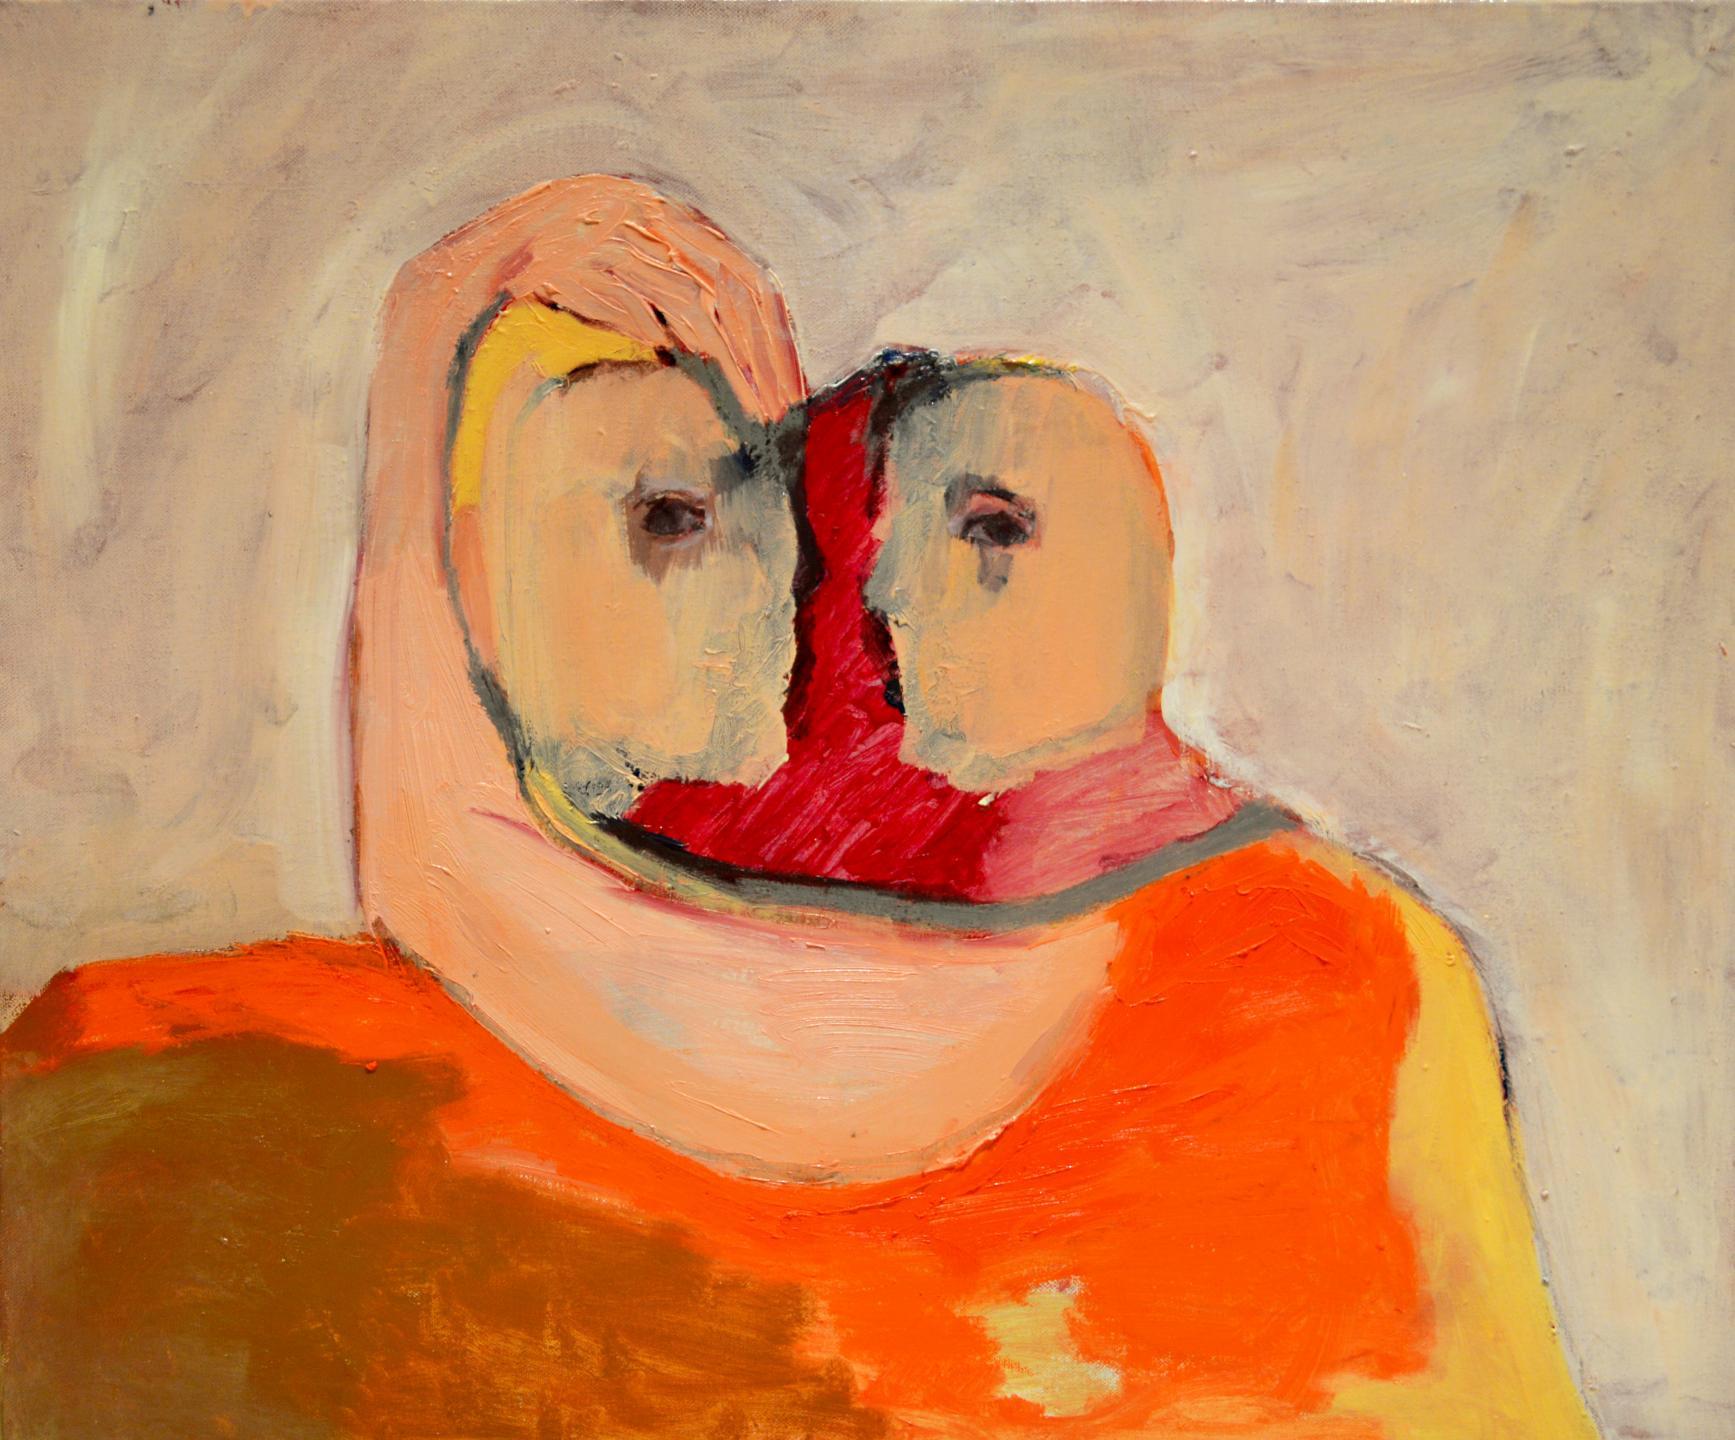 Llámalo introspección (2019) - Elisa Pinto